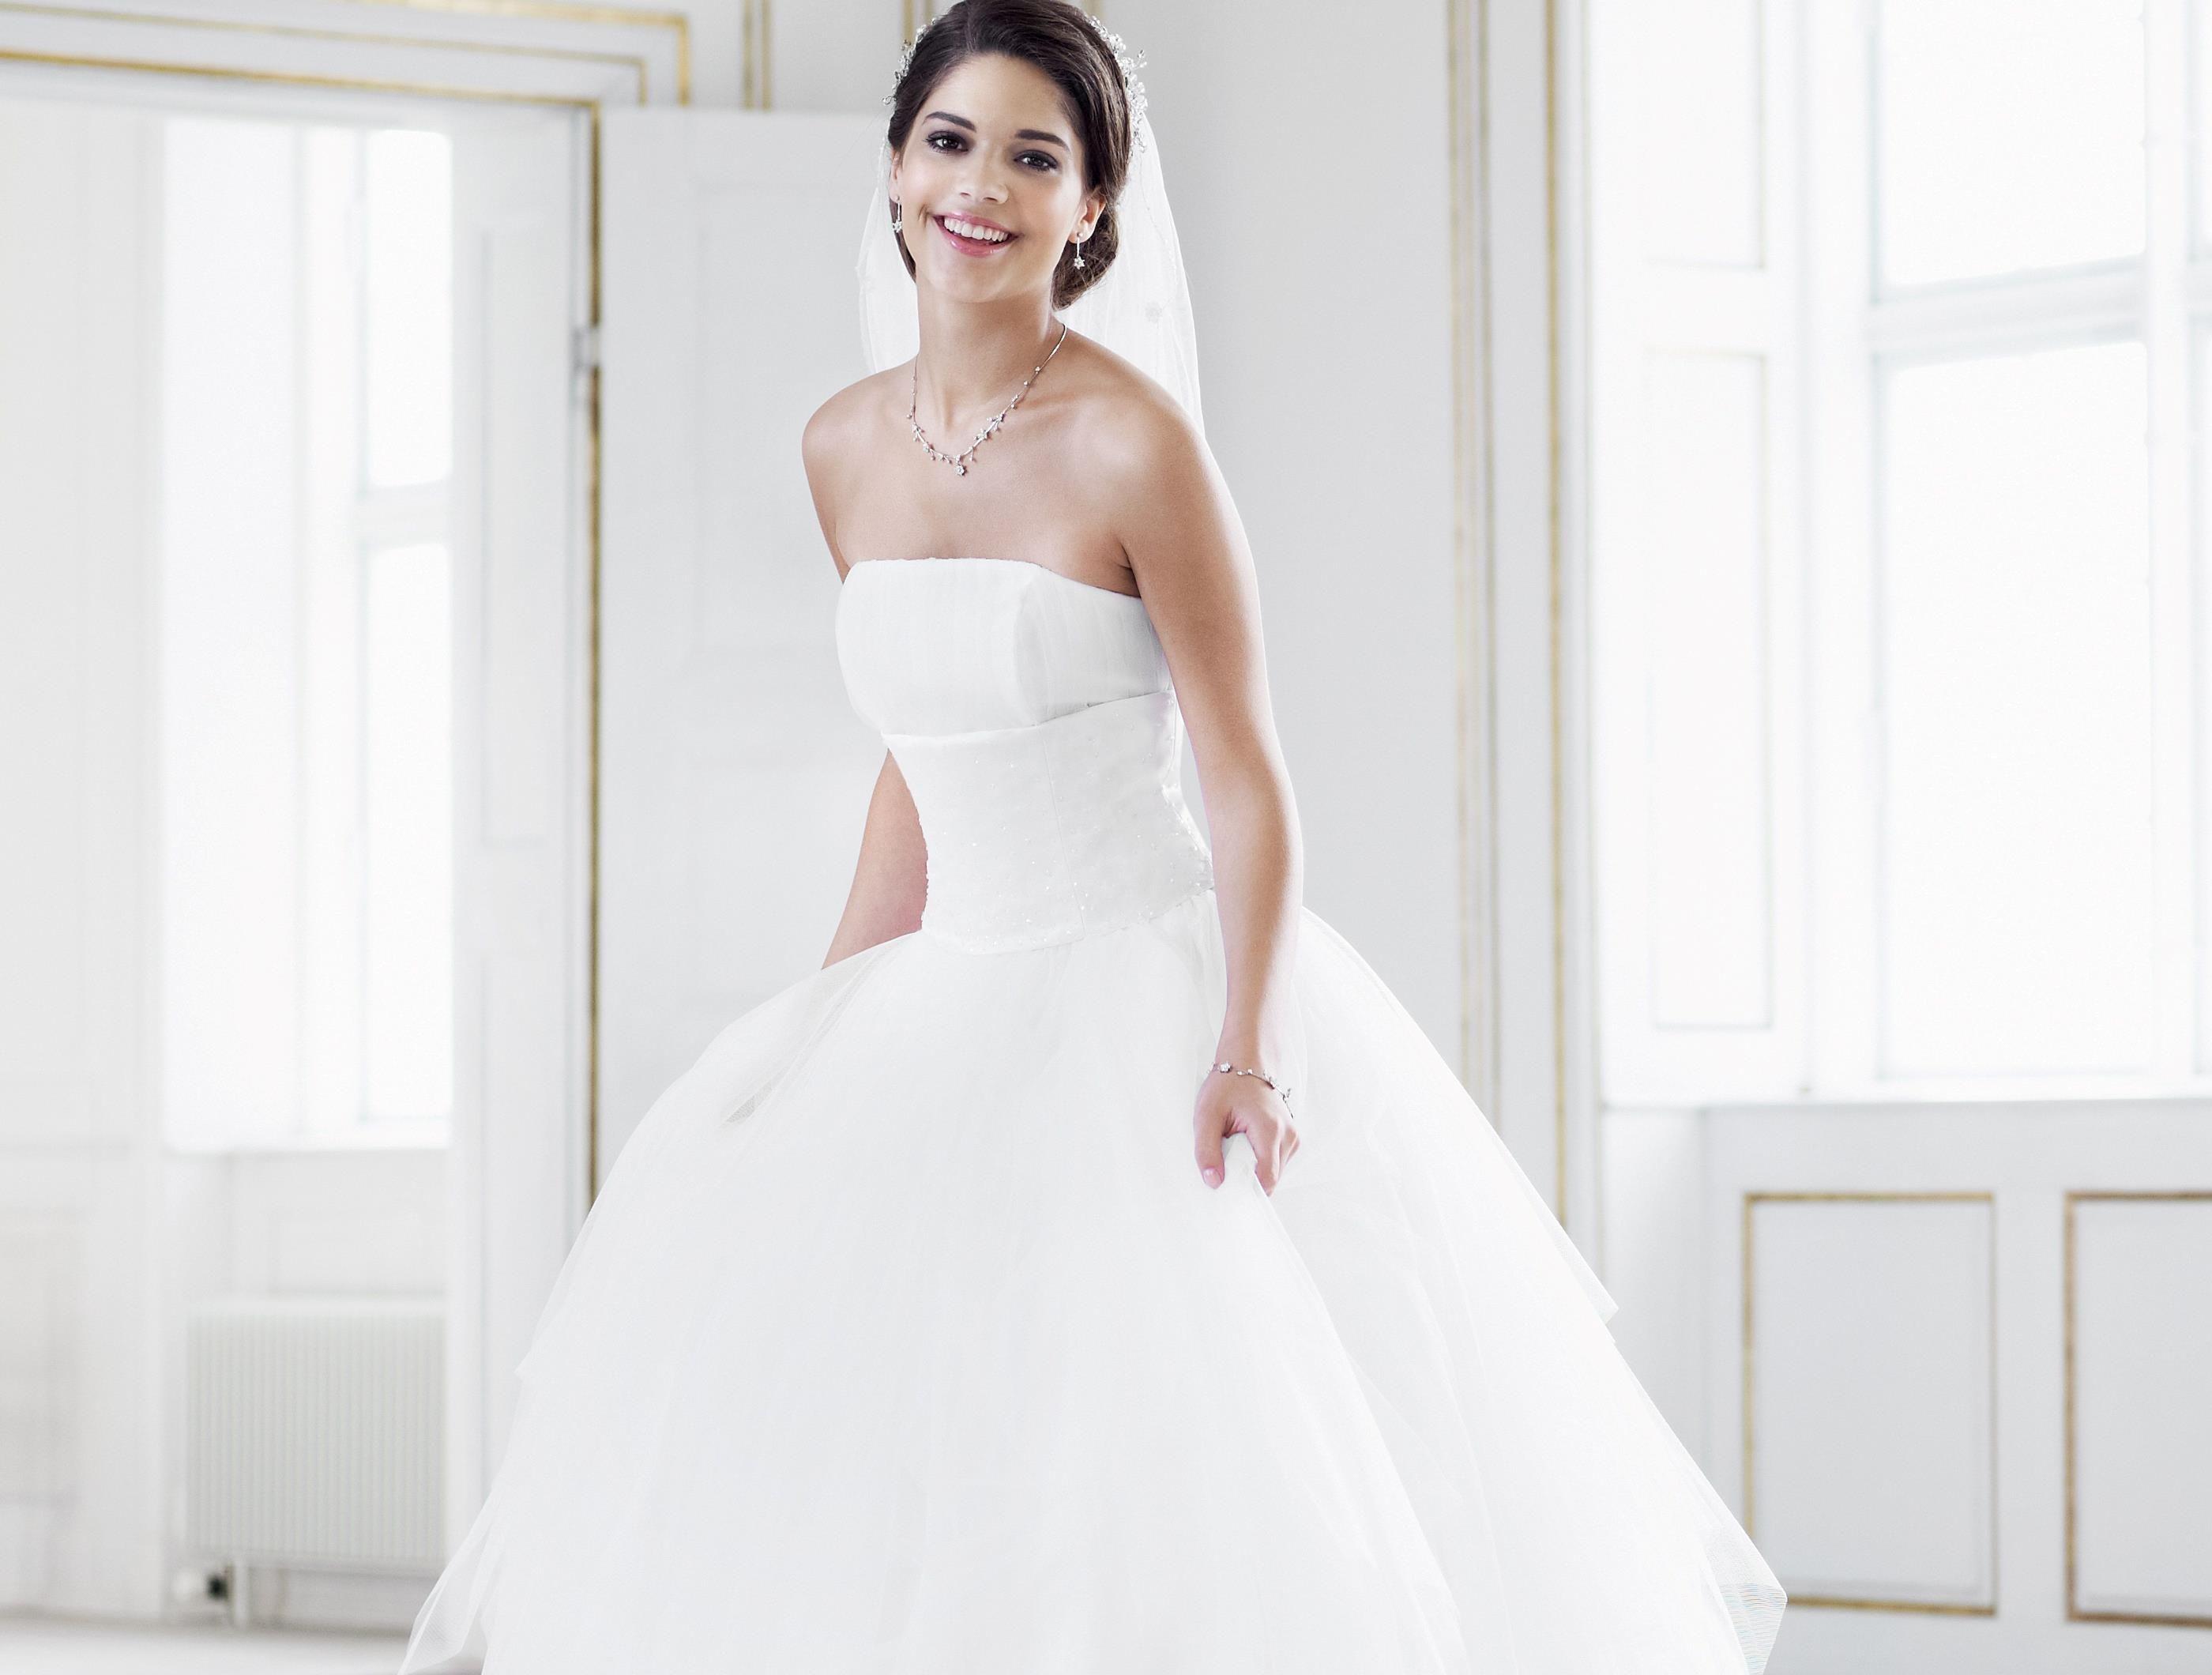 Großartig Billige Brautkleider In Houston Tx Fotos - Hochzeit Kleid ...